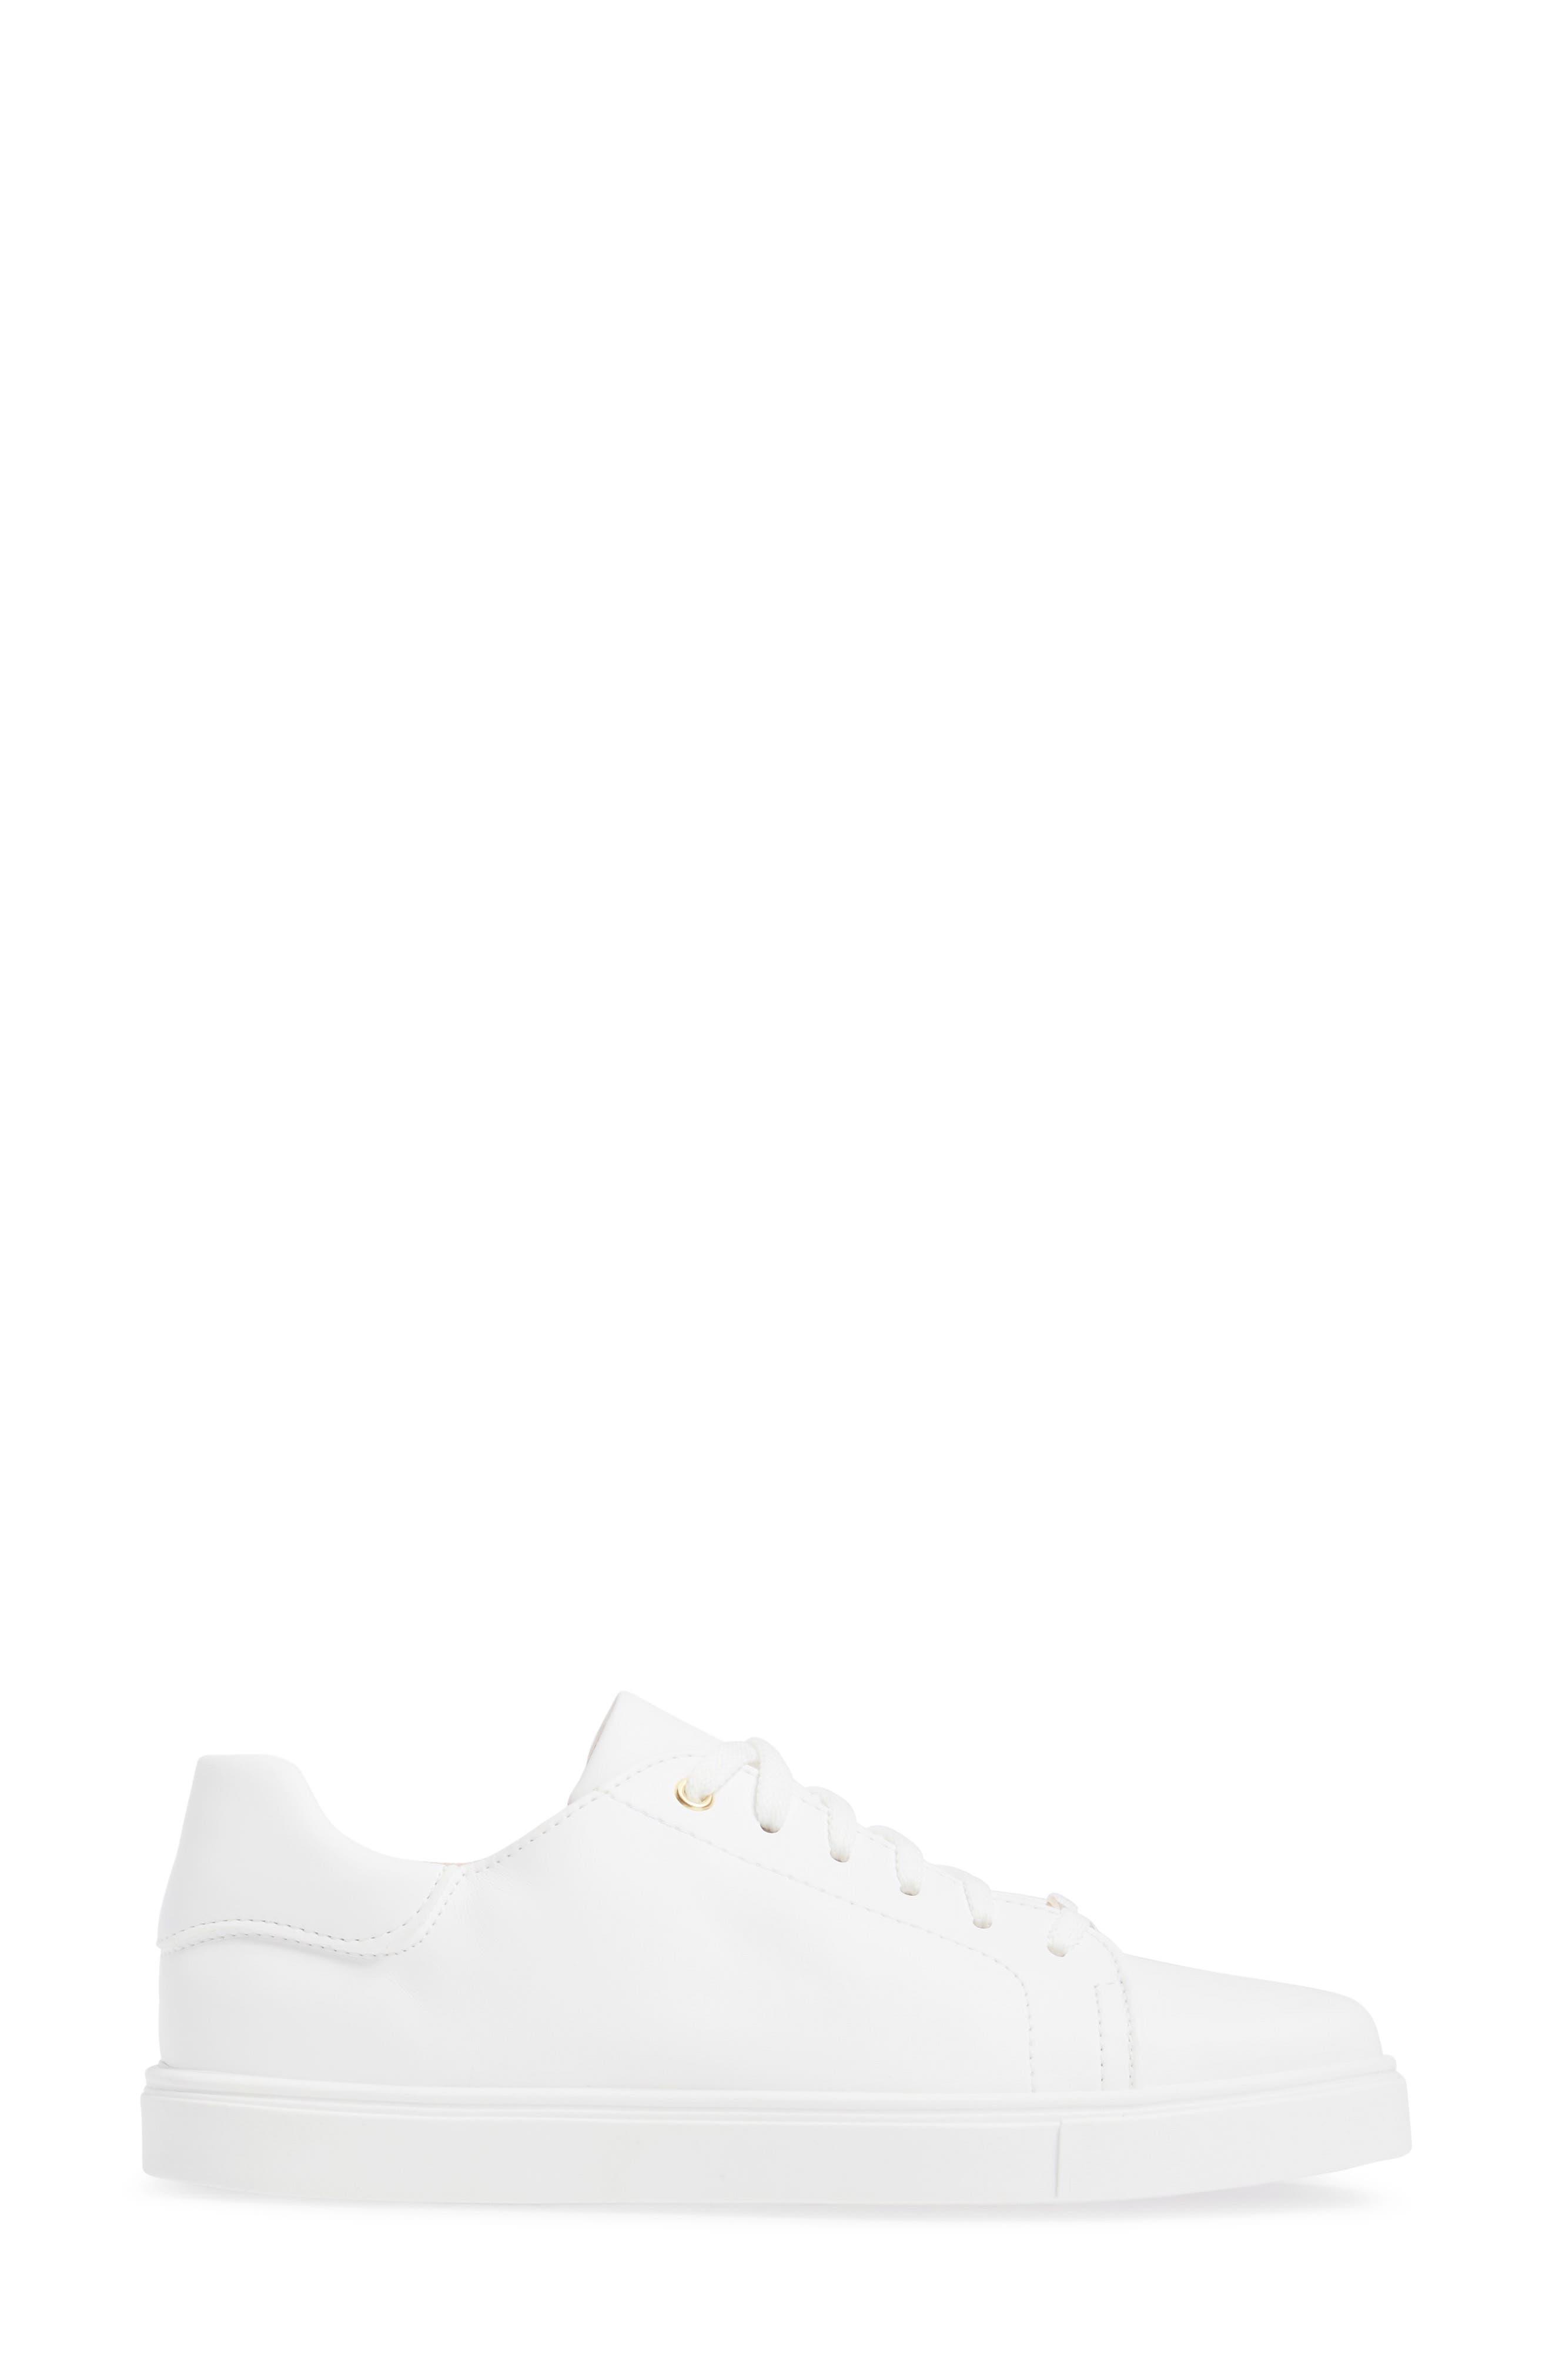 Cluster Sneaker,                             Alternate thumbnail 3, color,                             100